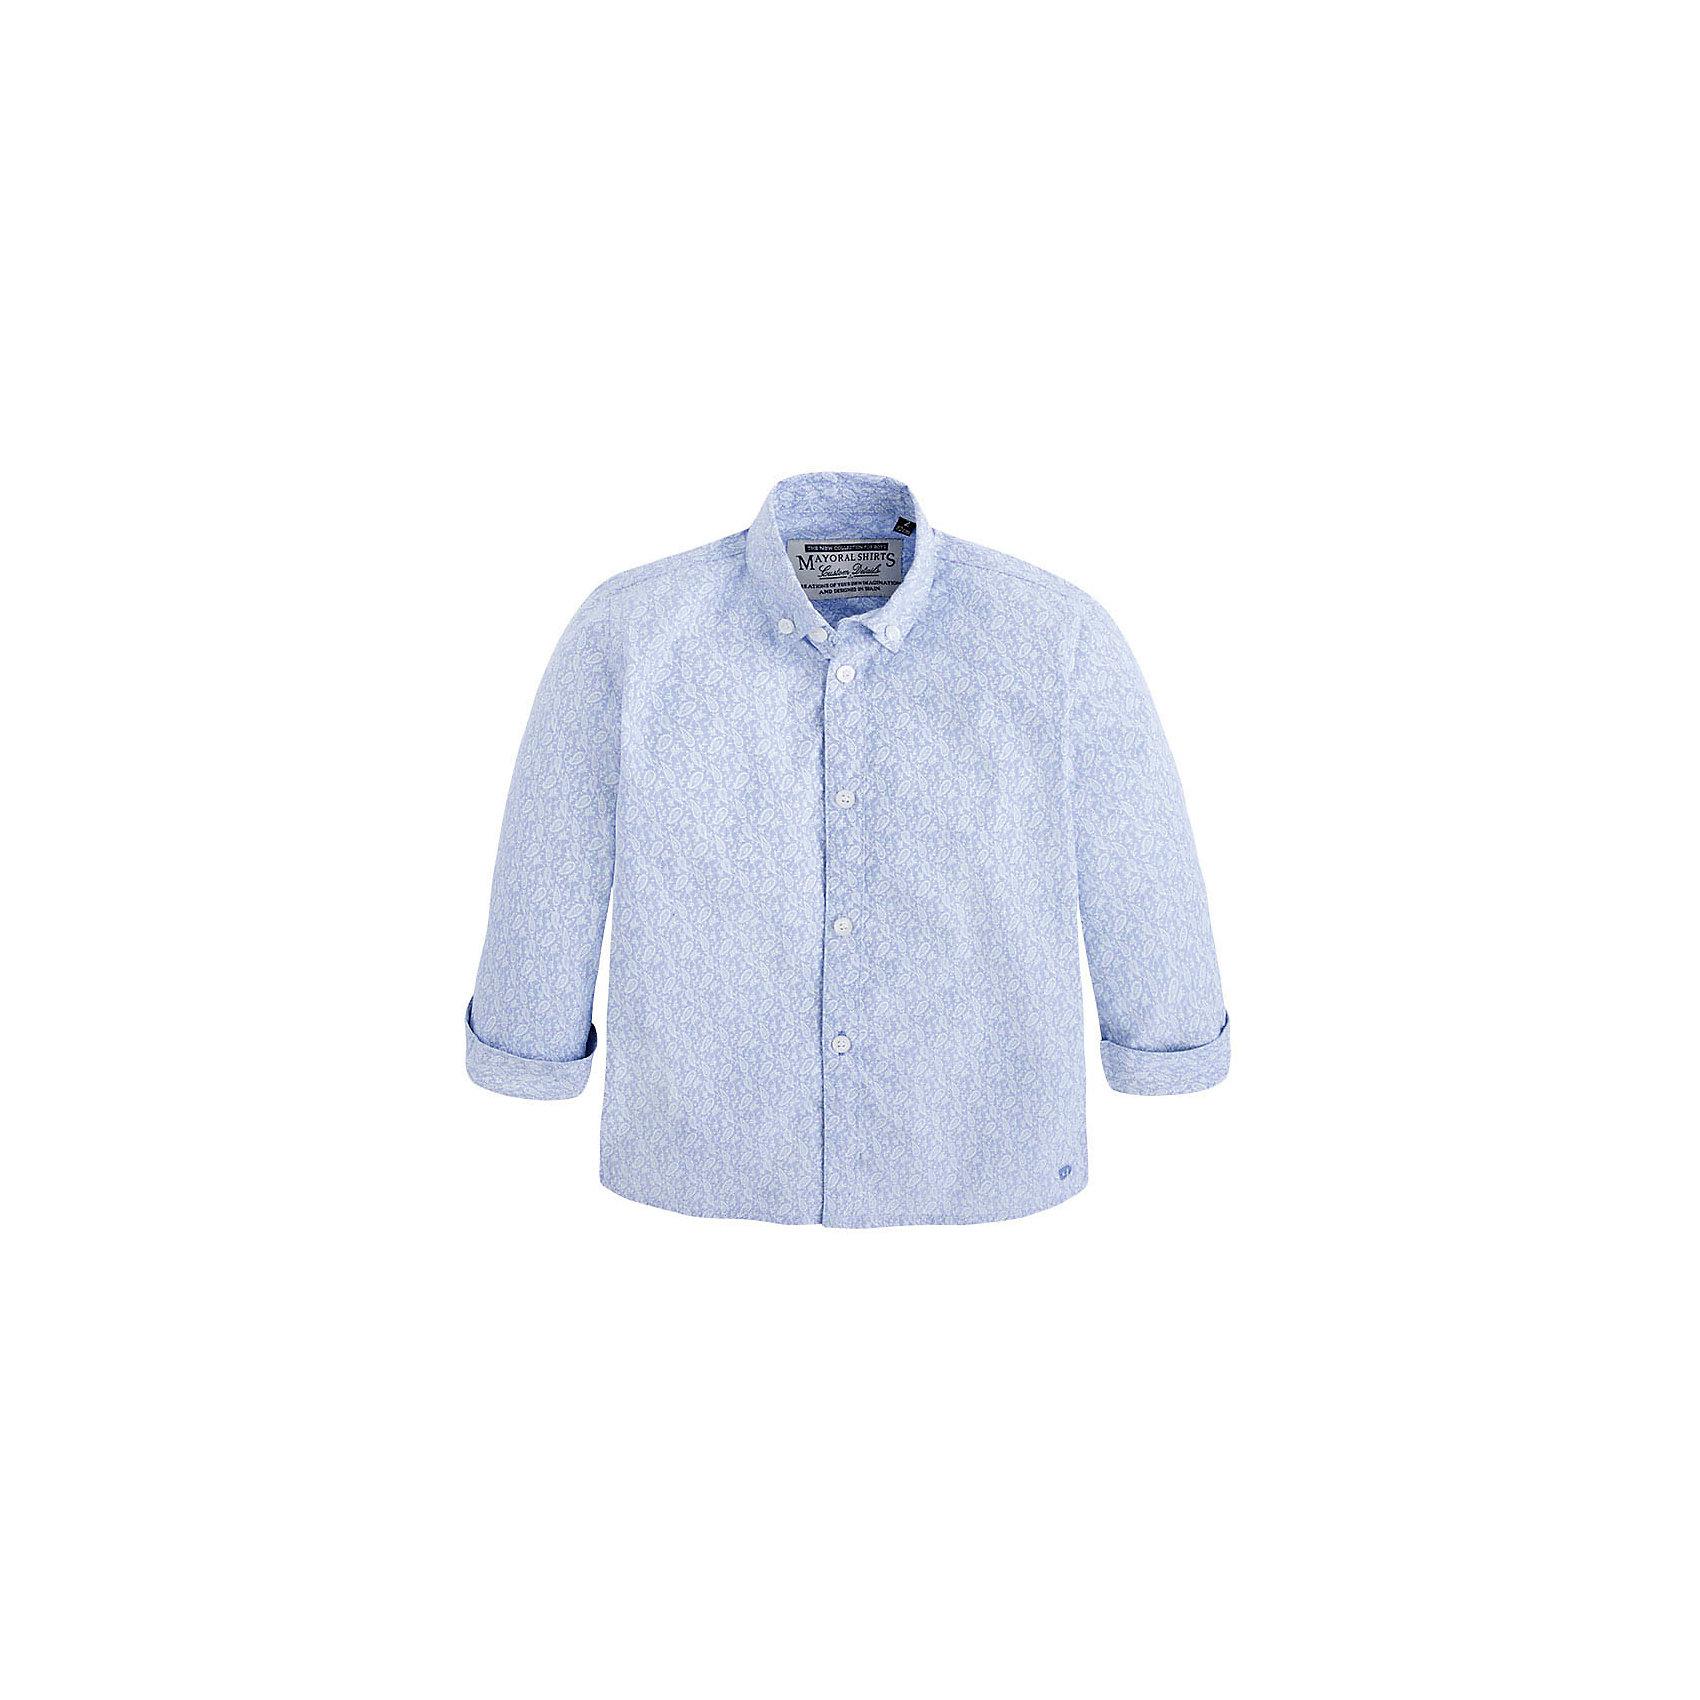 Рубашка для мальчика MayoralРубашка для мальчика от известной испанской марки Mayoral <br><br>Модная рубашка от Mayoral актуальна и на каждый день и на праздник! Она прекрасно сочетается с джинсами и брюками.  Модель выполнена из качественных материалов, отлично сидит по фигуре.<br><br>Особенности модели:<br><br>- цвет: сиреневый;<br>- рукава 1/2;<br>- отвороты;<br>- ткань украшена принтом;<br>- натуральный материал.<br><br>Дополнительная информация:<br><br>Состав: 100% хлопок<br><br>Рубашку для мальчика Mayoral (Майорал) можно купить в нашем магазине.<br><br>Ширина мм: 174<br>Глубина мм: 10<br>Высота мм: 169<br>Вес г: 157<br>Цвет: фиолетовый<br>Возраст от месяцев: 36<br>Возраст до месяцев: 48<br>Пол: Мужской<br>Возраст: Детский<br>Размер: 104,134,128,122,98,110,116<br>SKU: 4541829